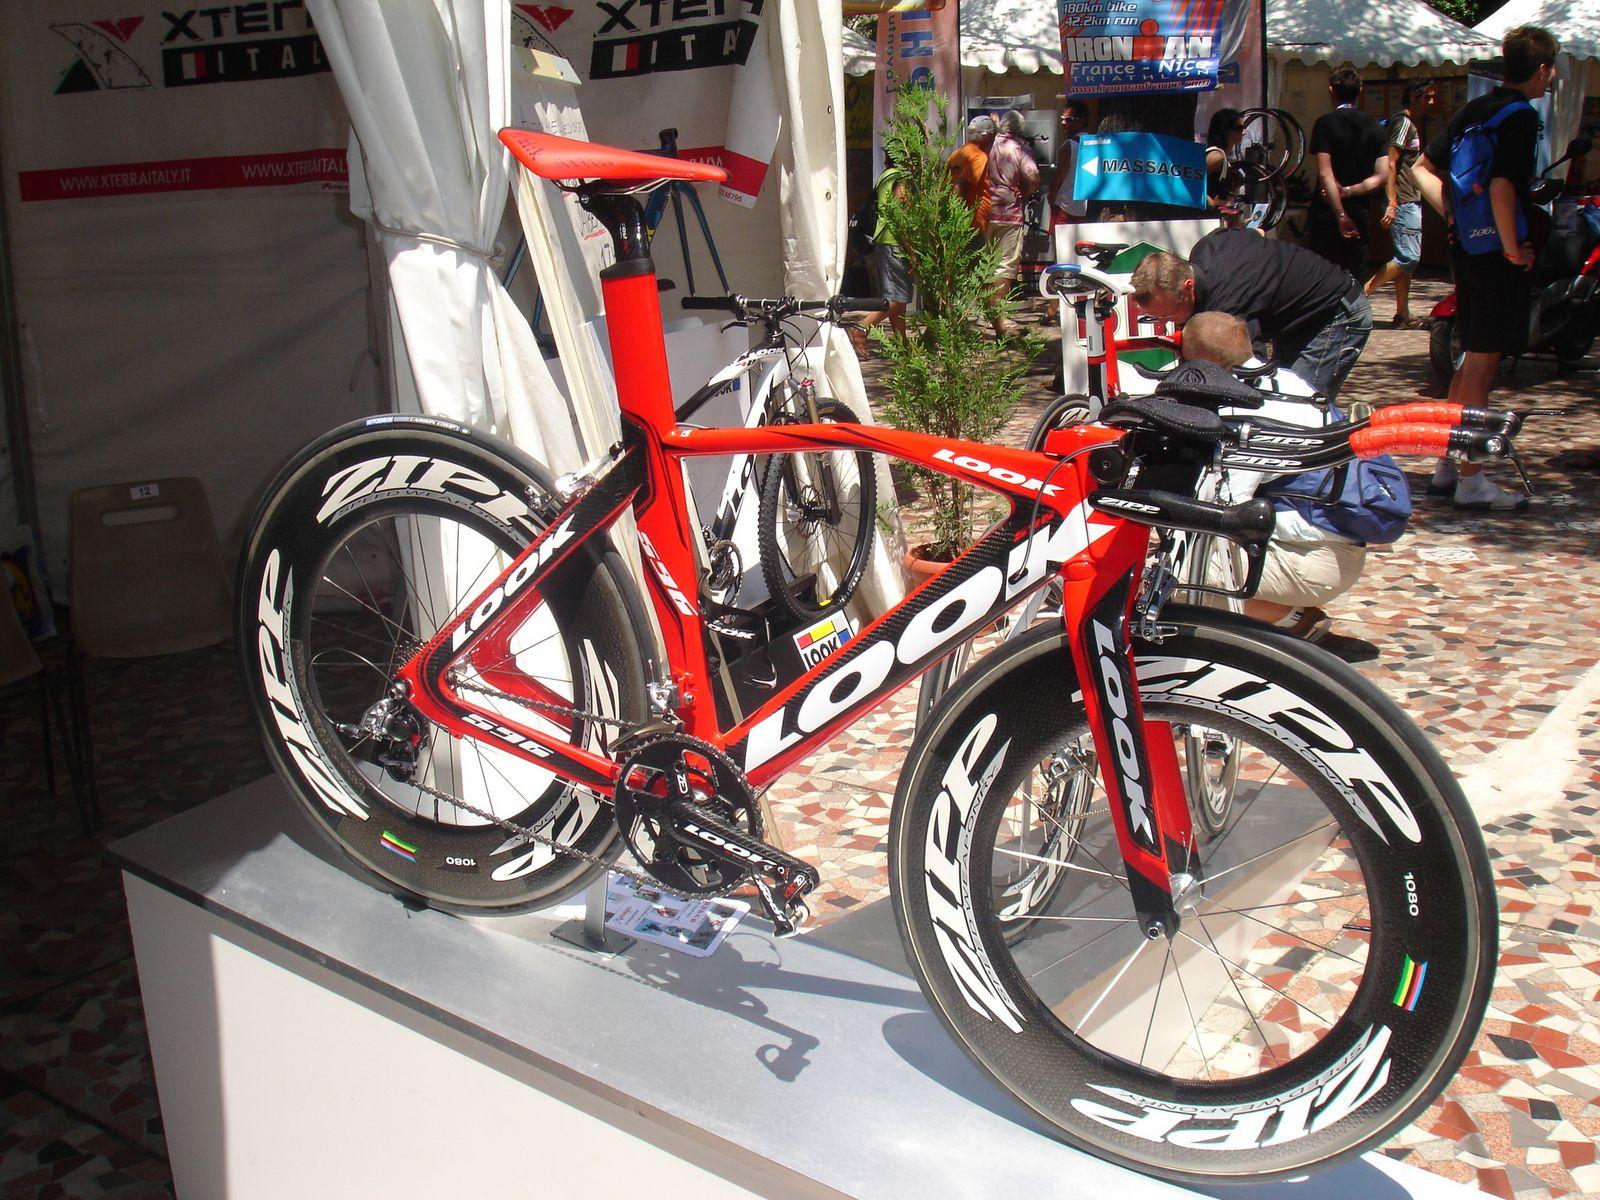 Nouveauté matériel & textile cyclisme 632594DSC08574